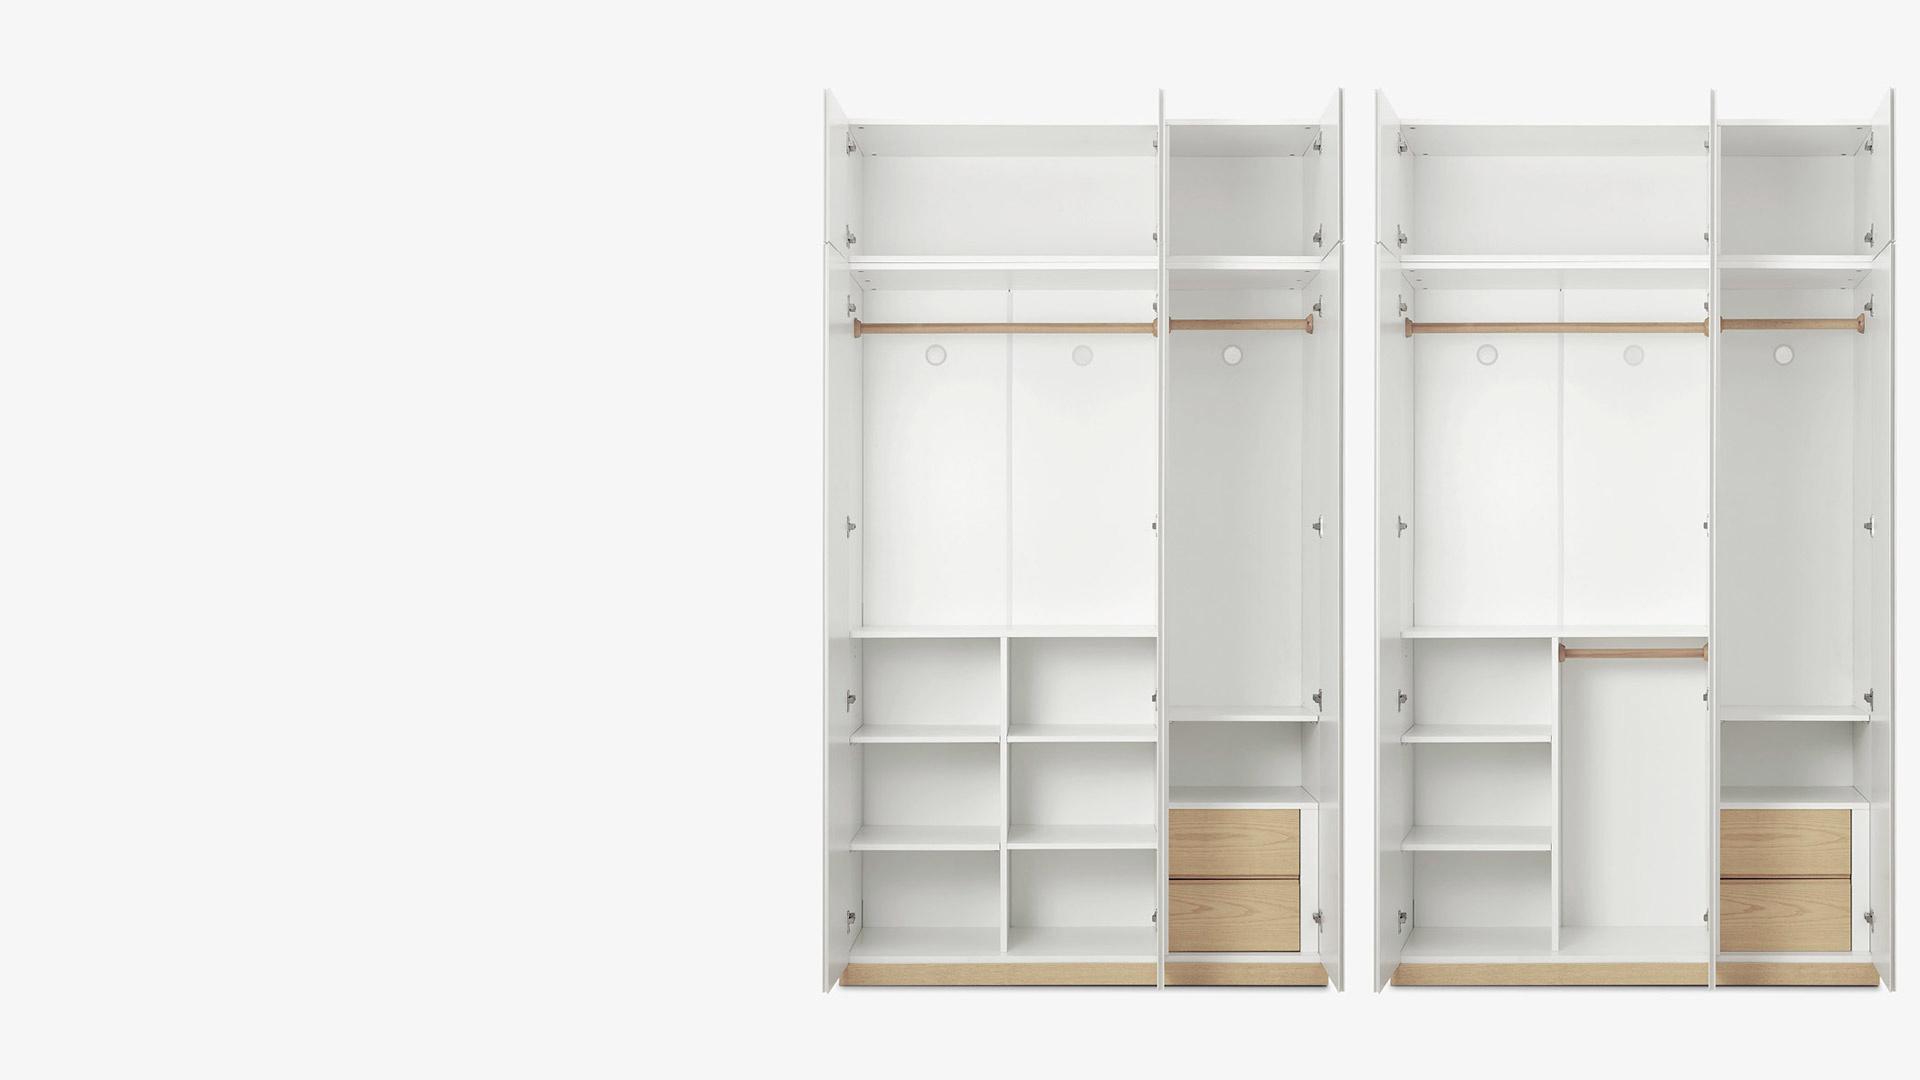 A/B兩款空間布局<br/>滿足不同尺寸衣物收納